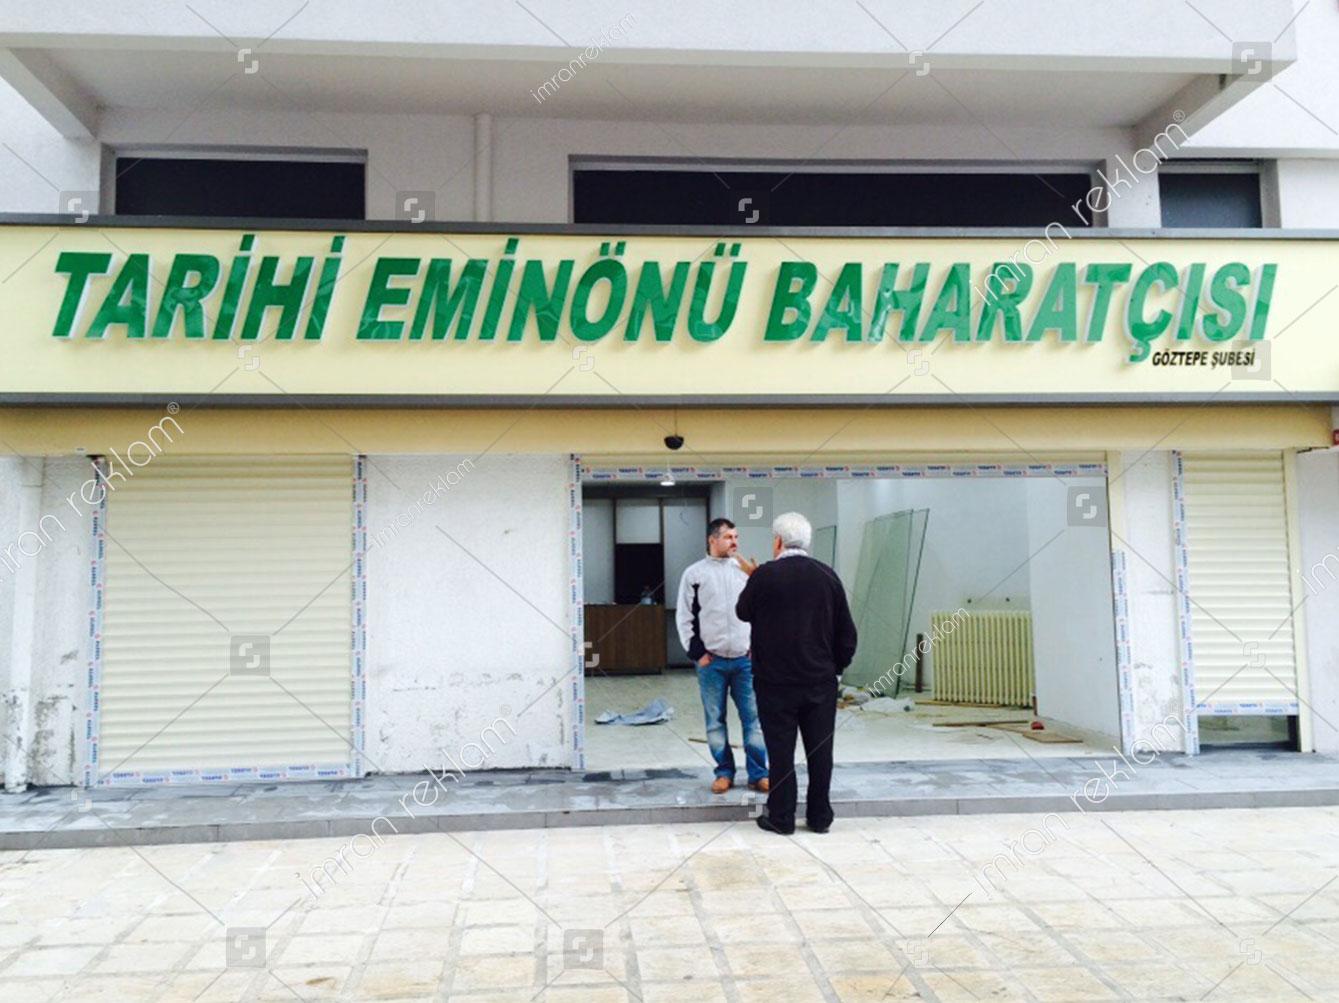 tarihi-eminonu-baharatcisi-tabela